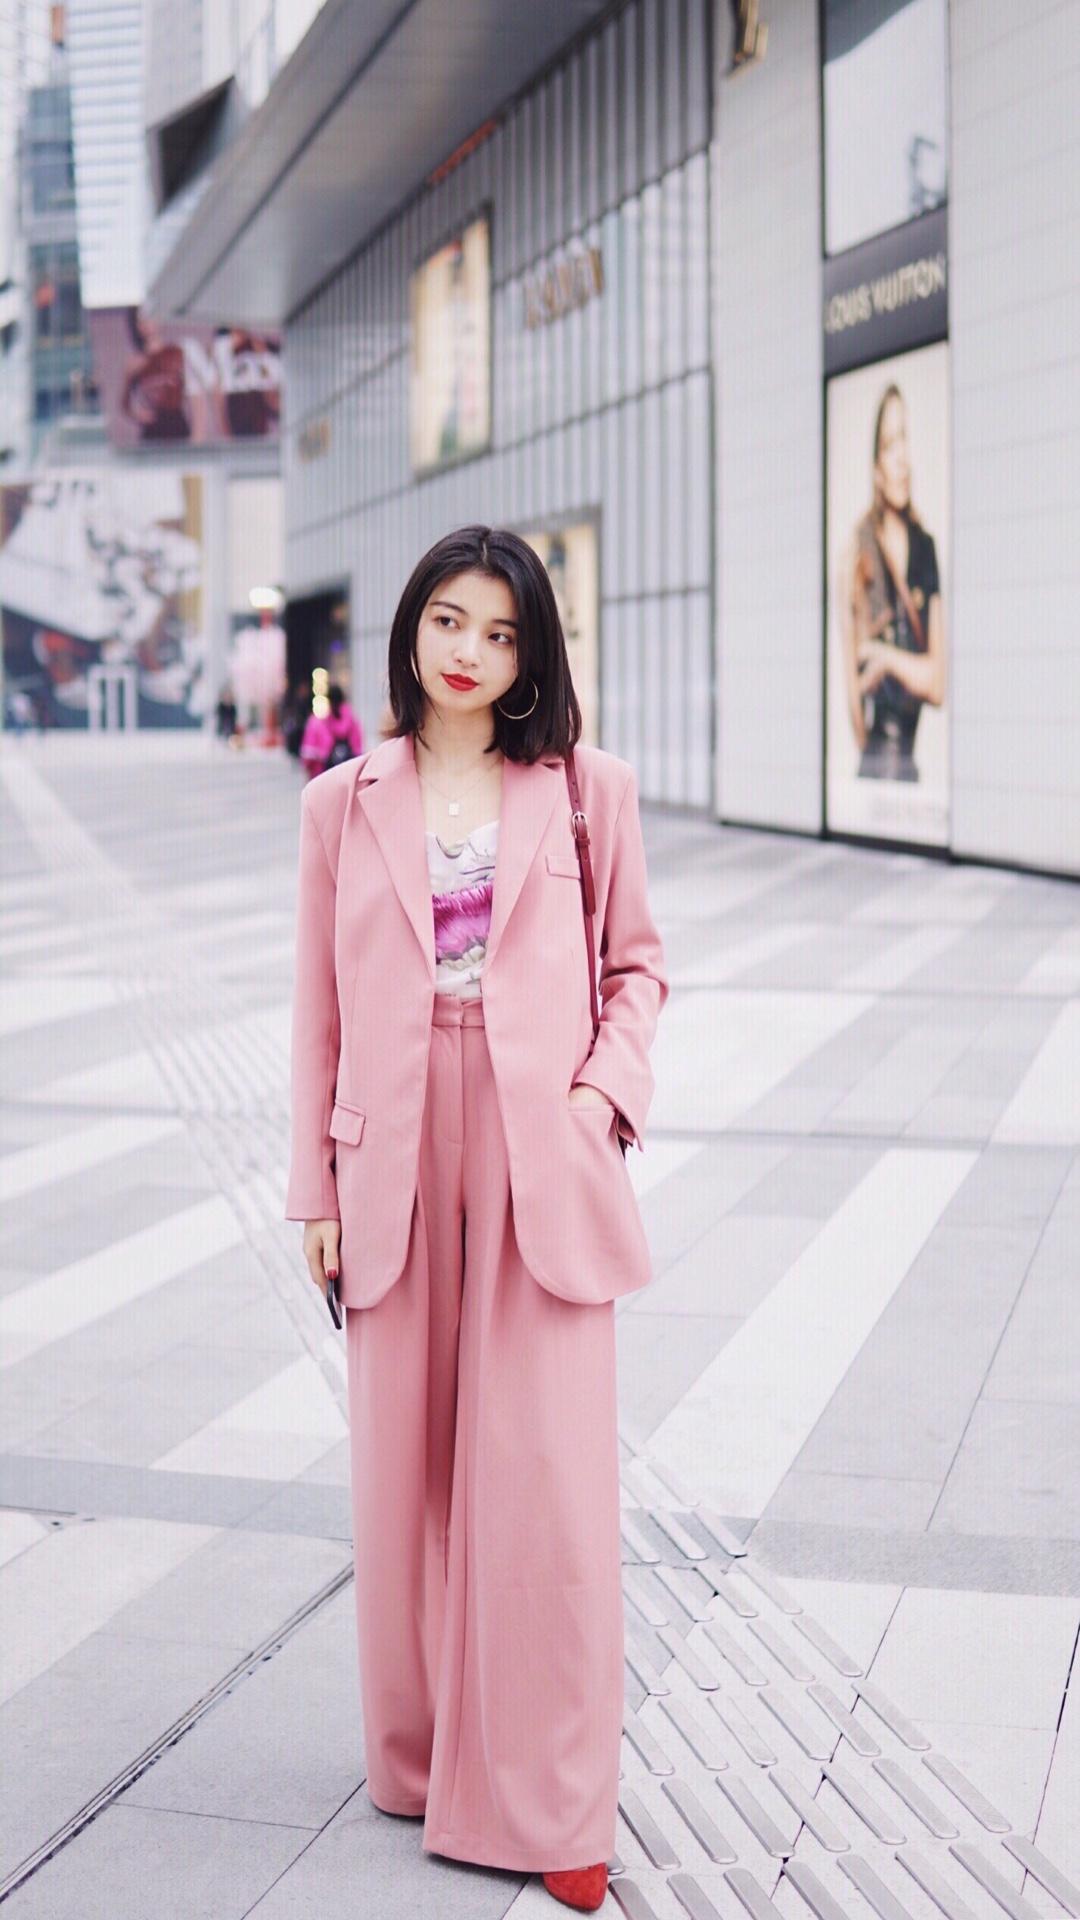 西服套装真的是职场女性必备! 粉色调中和了套装的严肃感,阔腿裤的设计遮肉显高并且气场十足,内搭粉色花朵印花吊带,女强人也能秒变温柔小姐姐哦! #上班族换季穿搭图鉴#